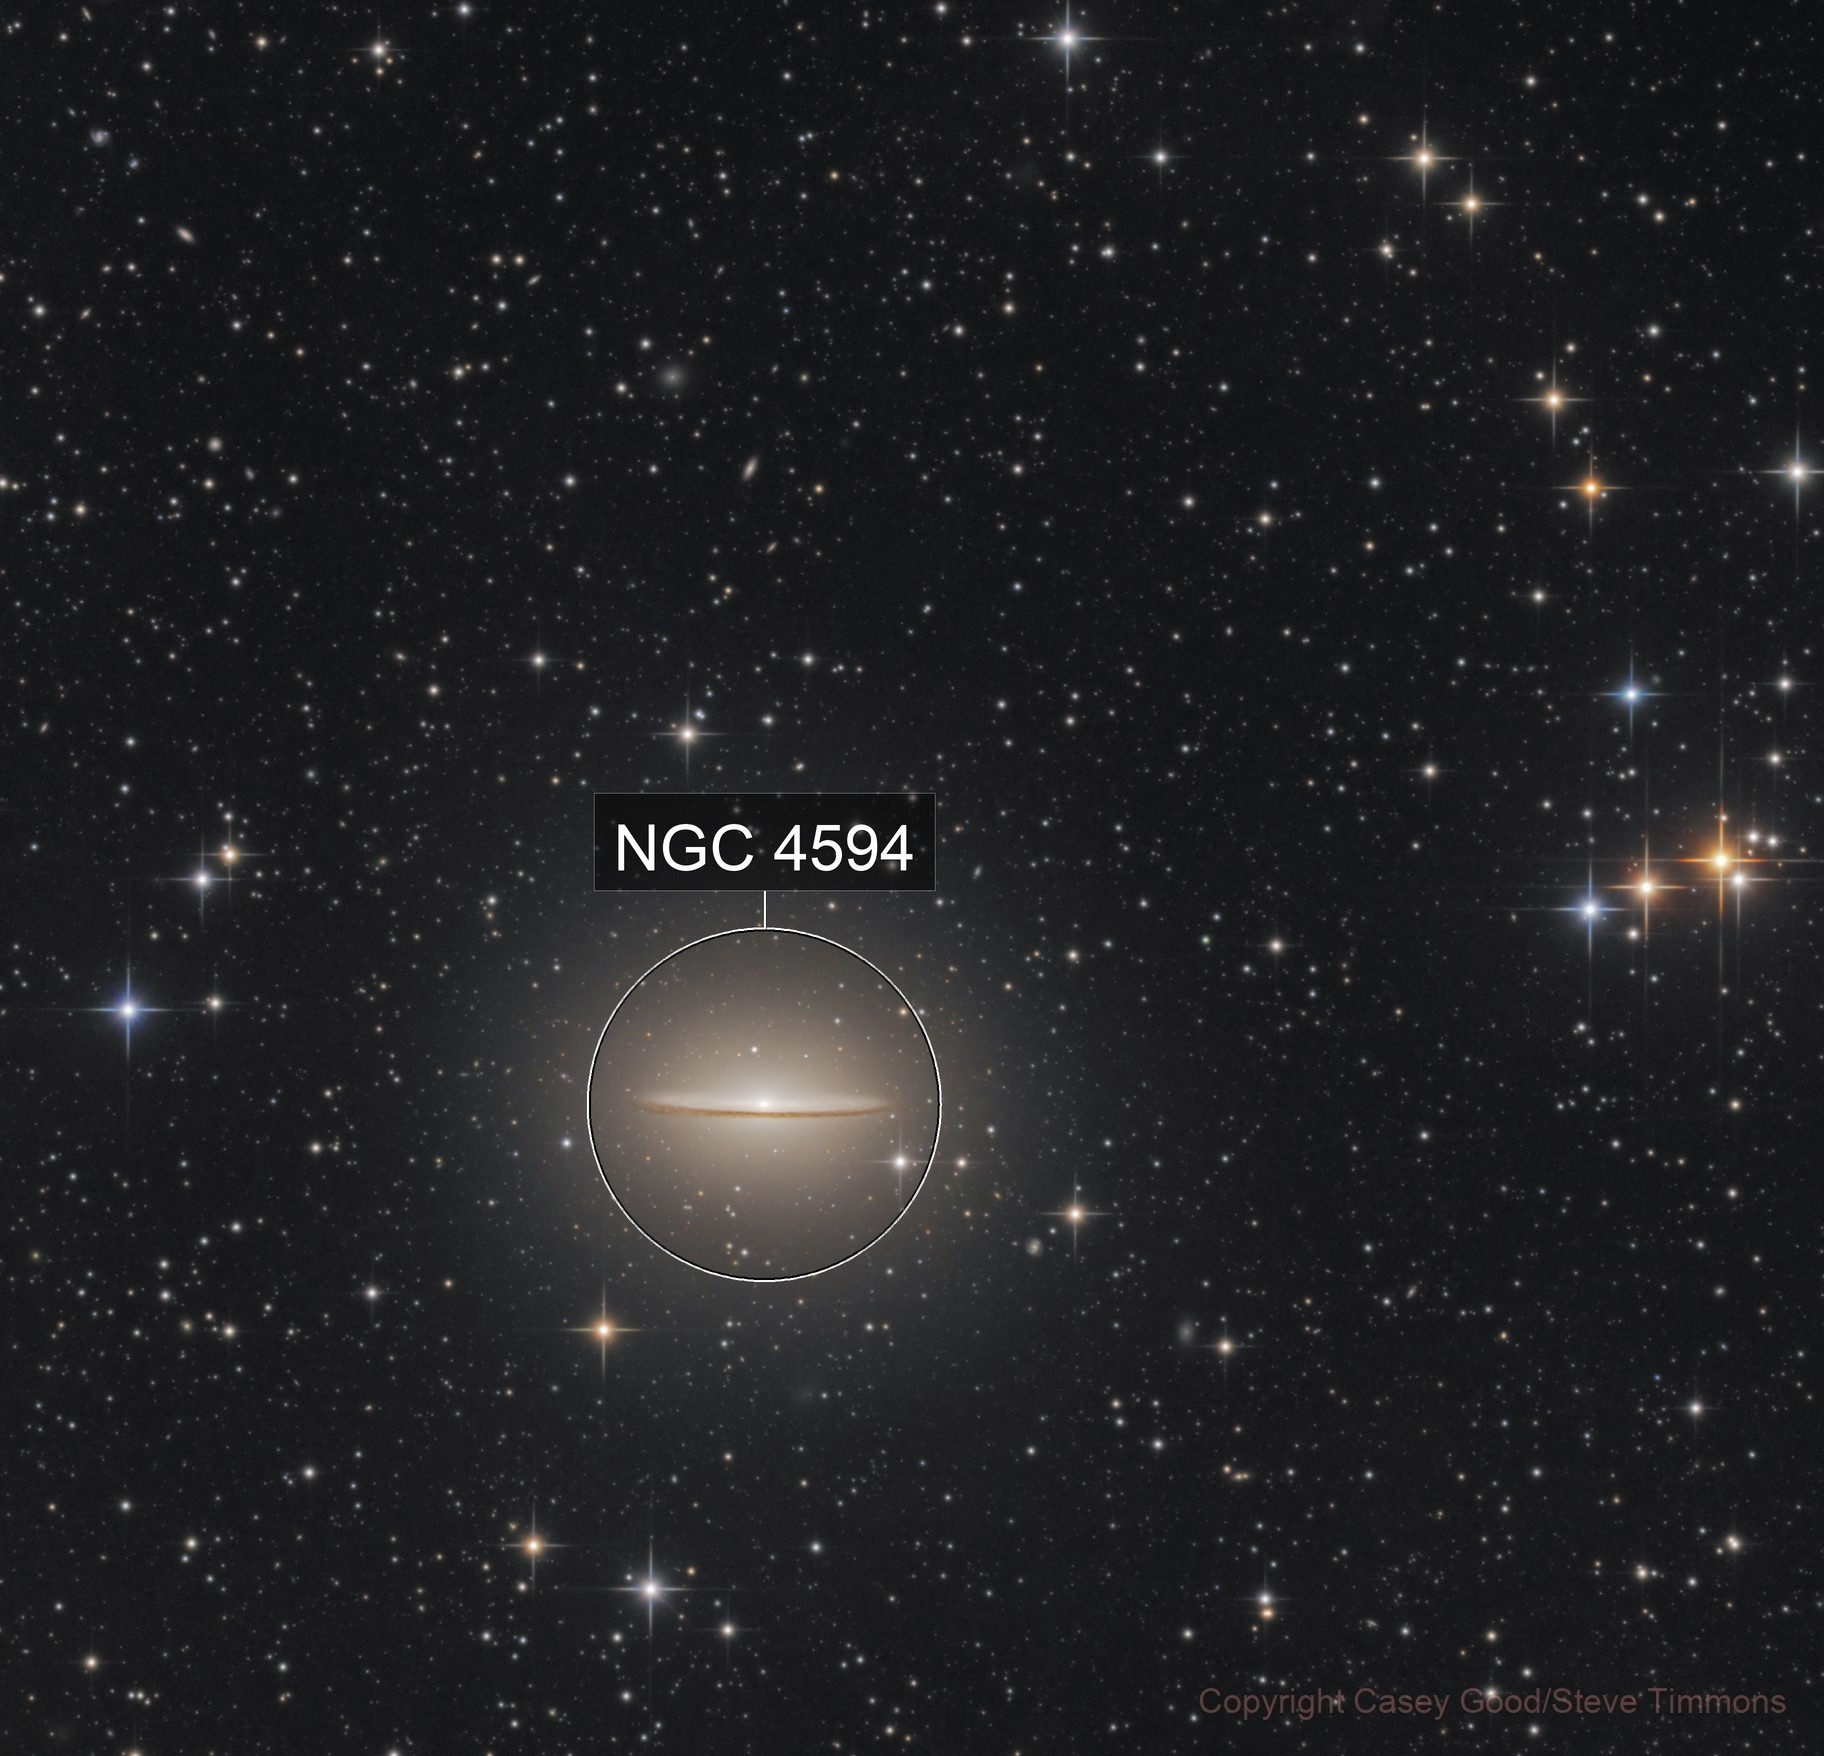 Messier 104 - The Sombrero